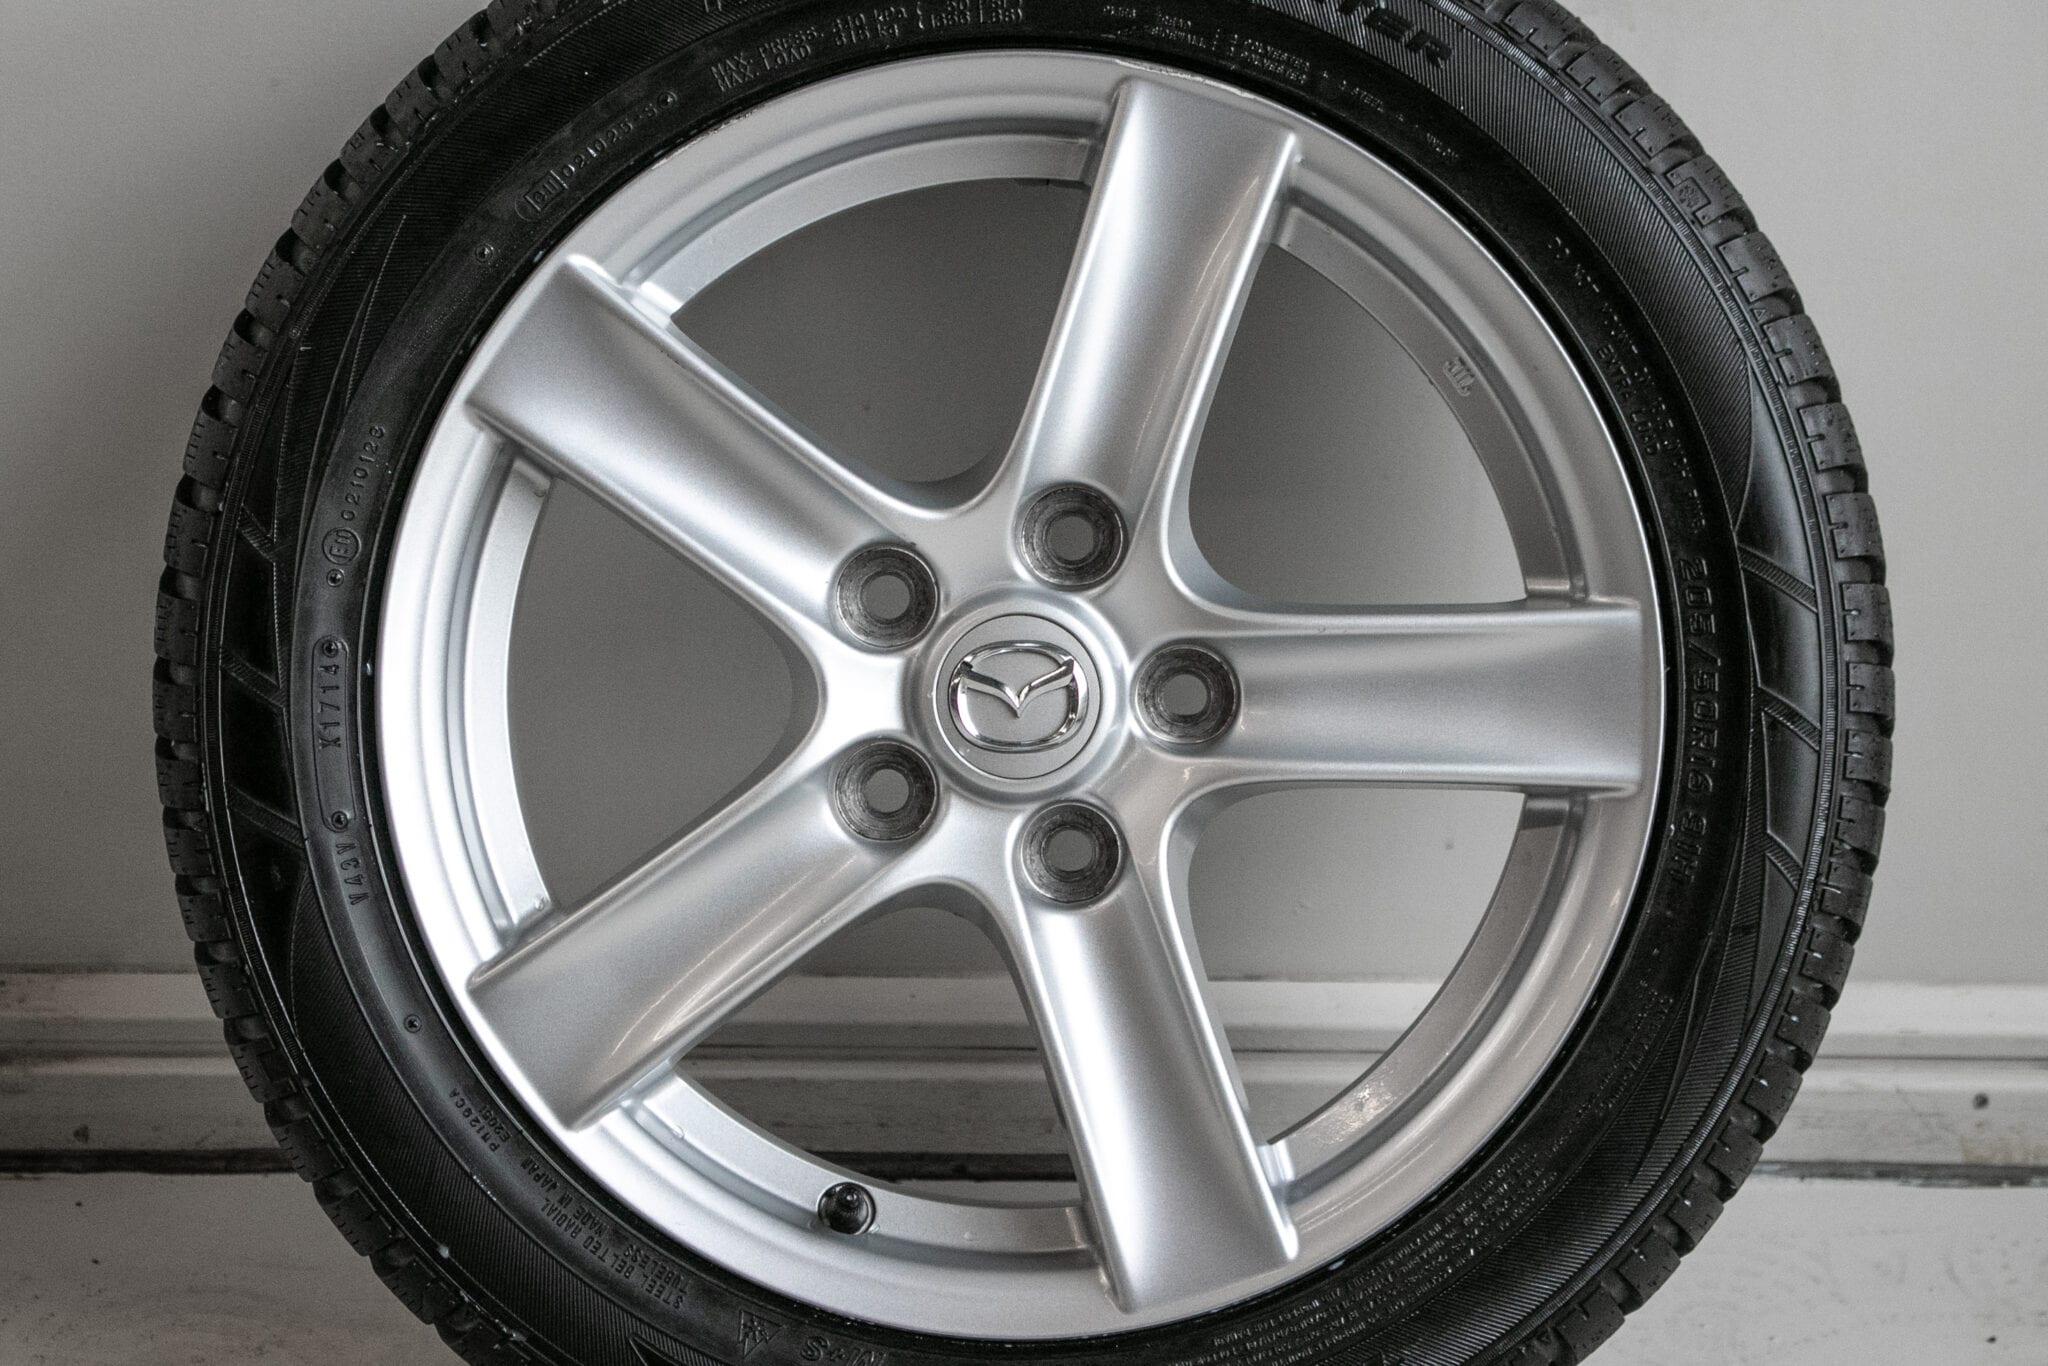 """16"""" Winterwielen voor o.a. een Mazda MX-5 €249,- Gebruikt. Profieldiepte: 6.5mm - 7mm"""